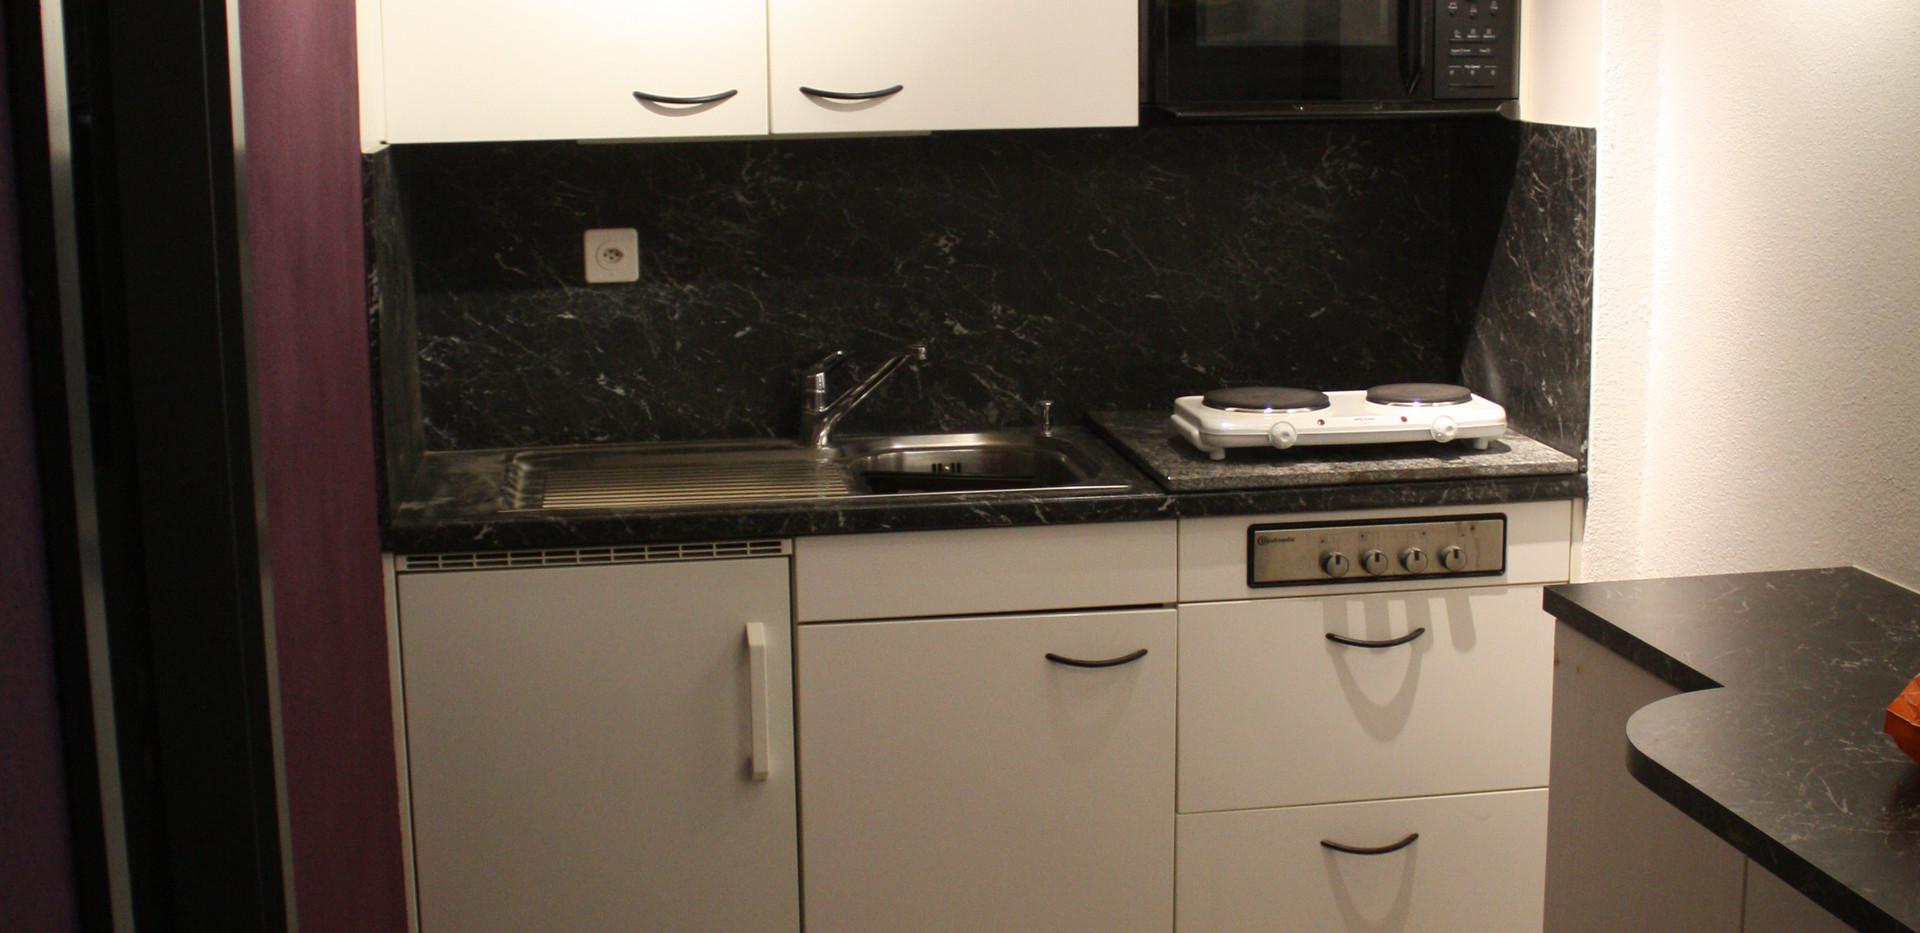 Küche, komplett eingerichtet